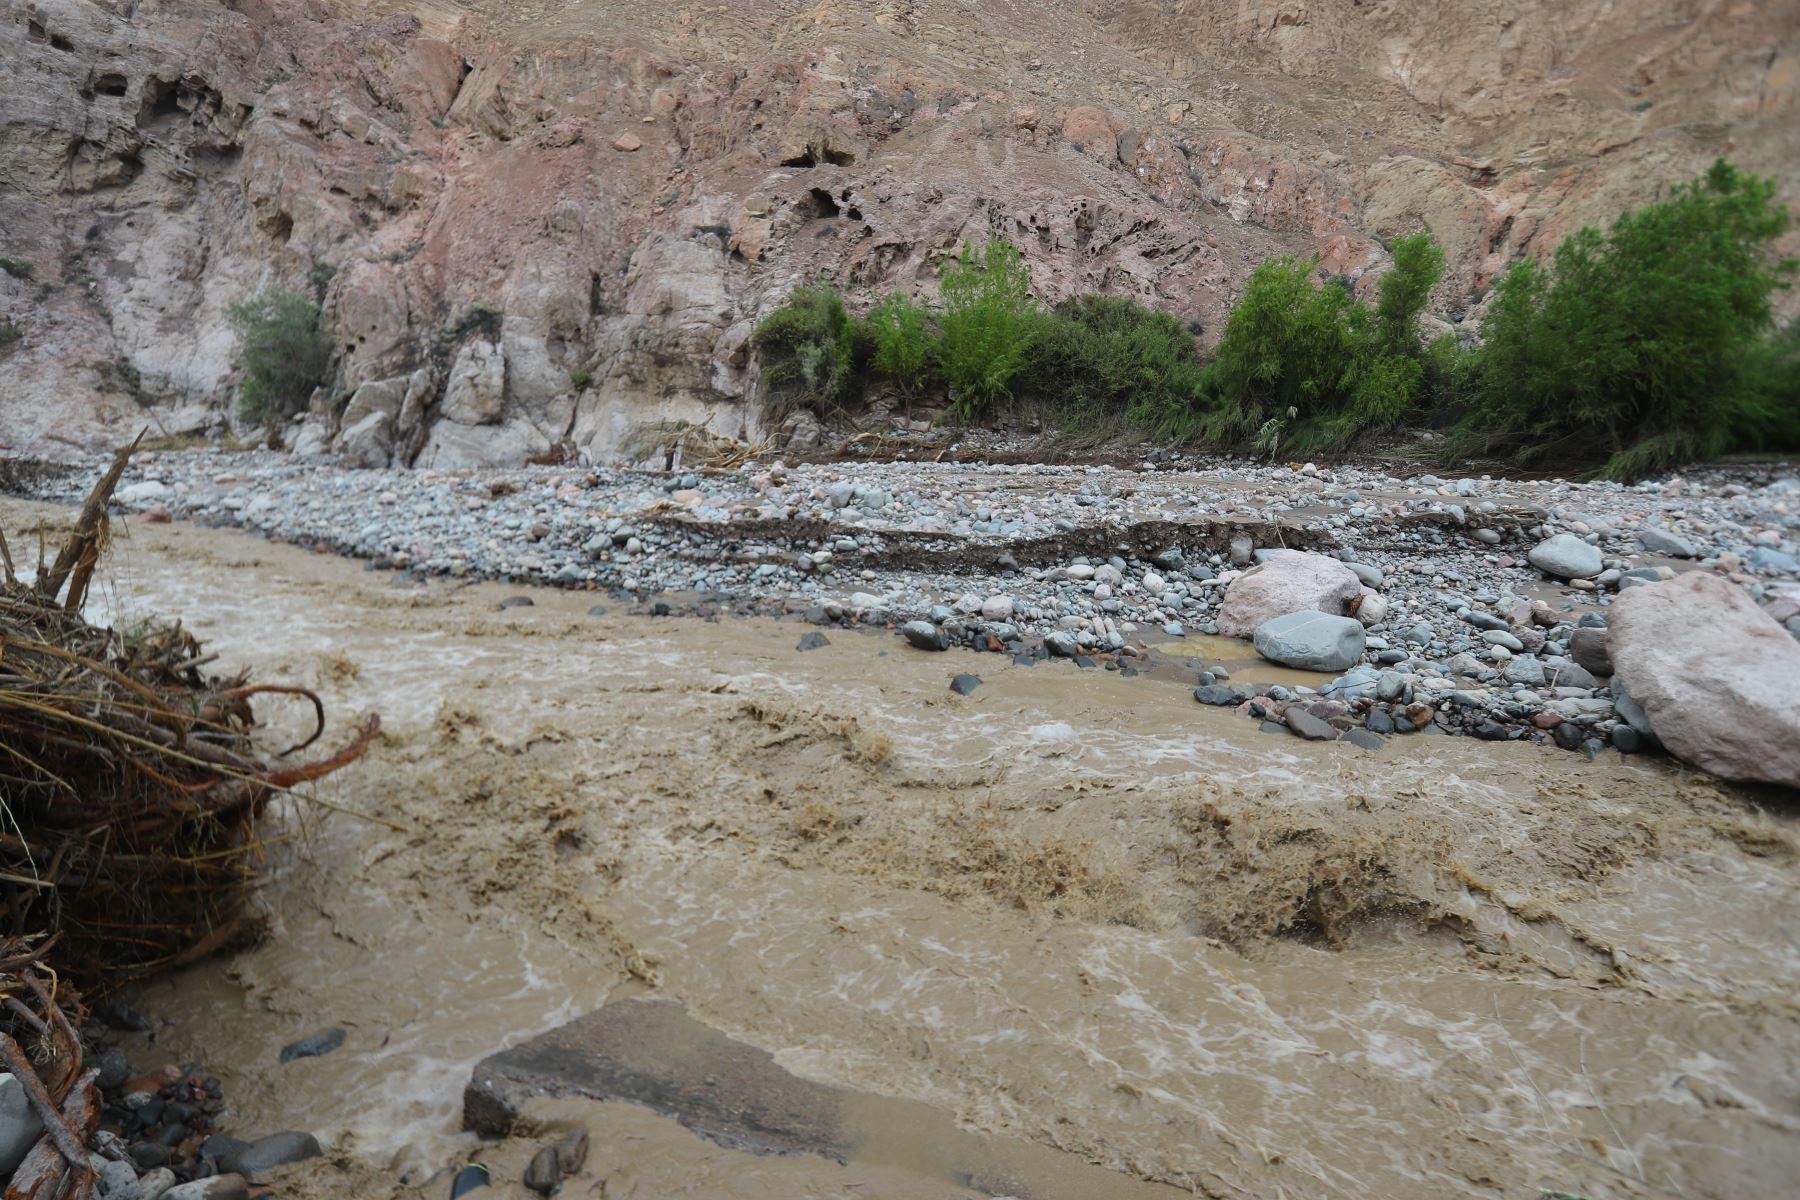 Jefe de Estado Martìn Vizcarra realizò inspección de la situación y las labores que realiza INDECI en la zona afectada por las lluvias y huaicos en la región de Moquegua. Foto:ANDINA/Prensa Presidencia